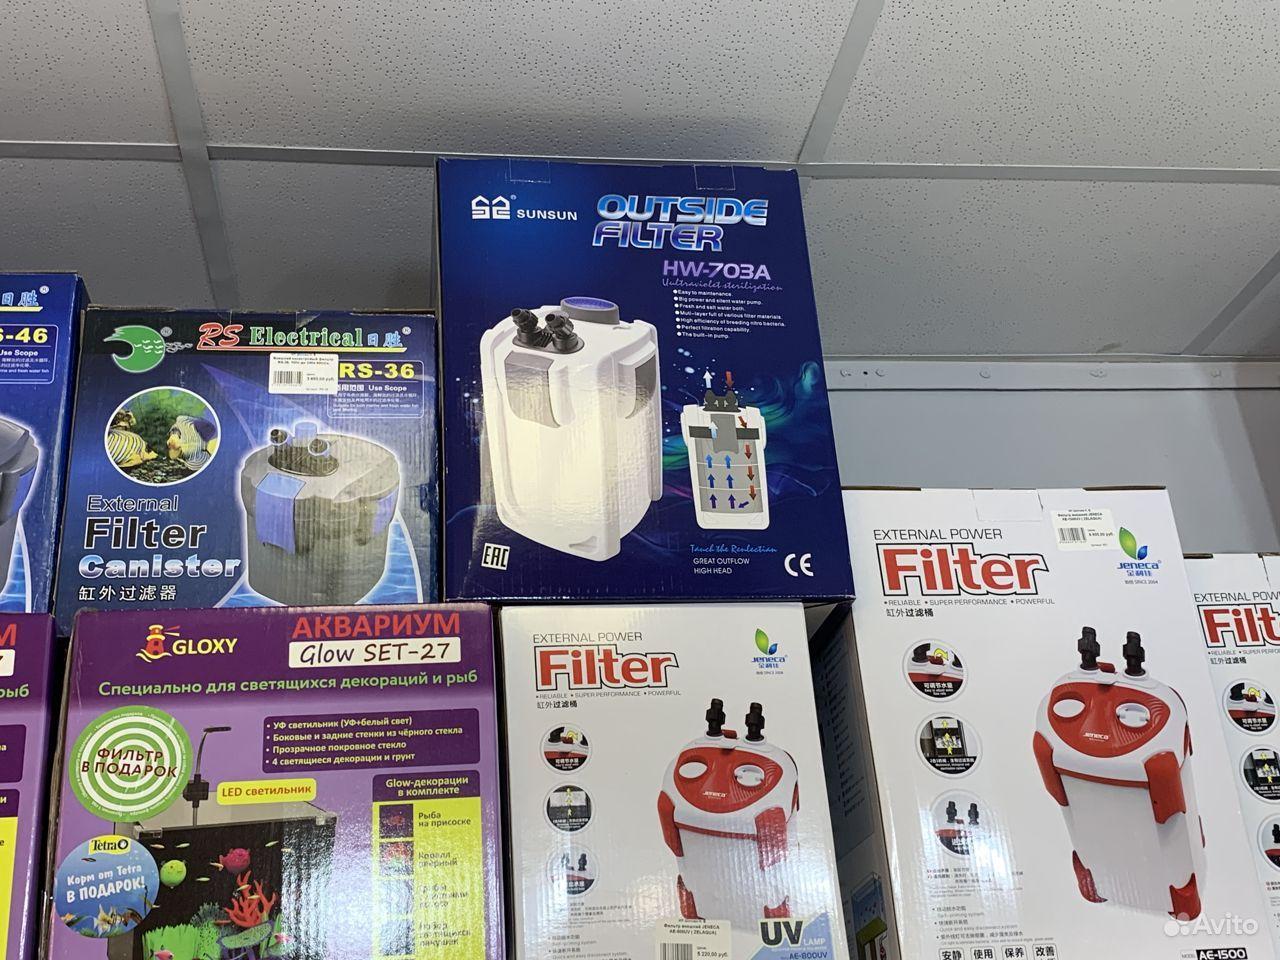 Фильтр внешний sunsun HW-703A до 500 л купить на Зозу.ру - фотография № 8